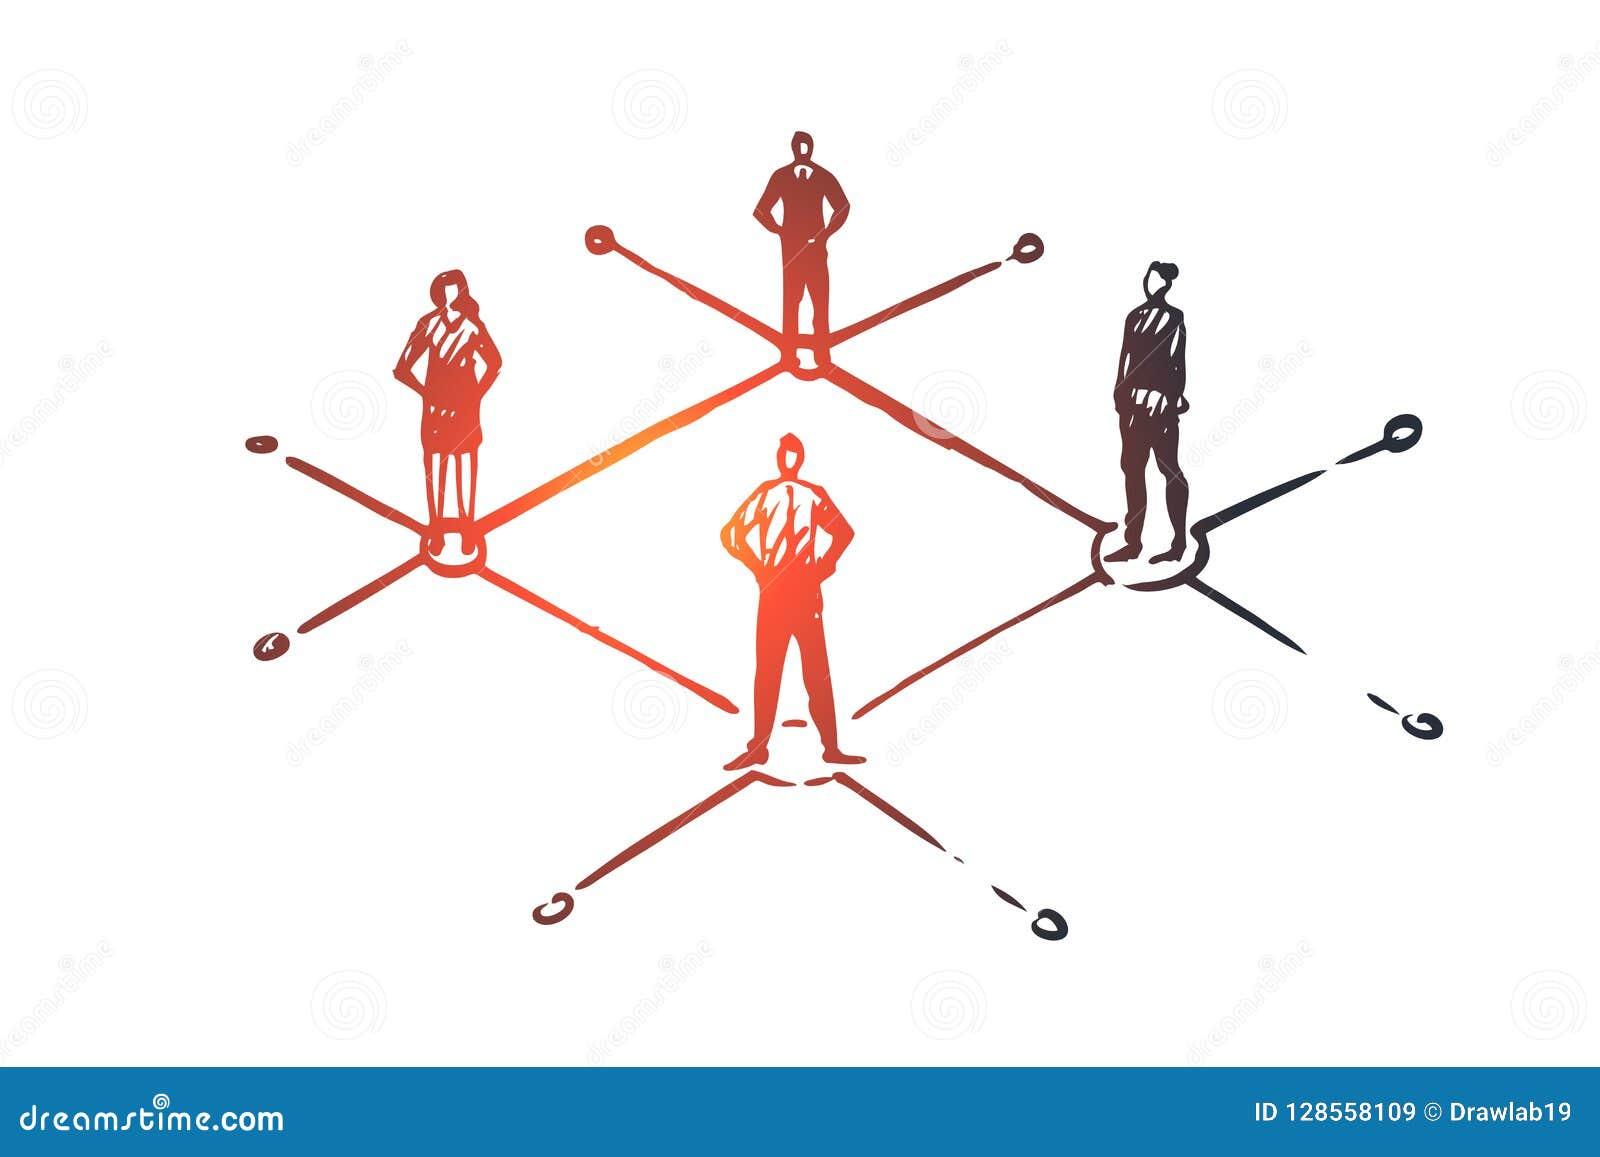 Dezentralisiert, Leute, angeschlossen, Element, Strukturkonzept Hand gezeichneter lokalisierter Vektor